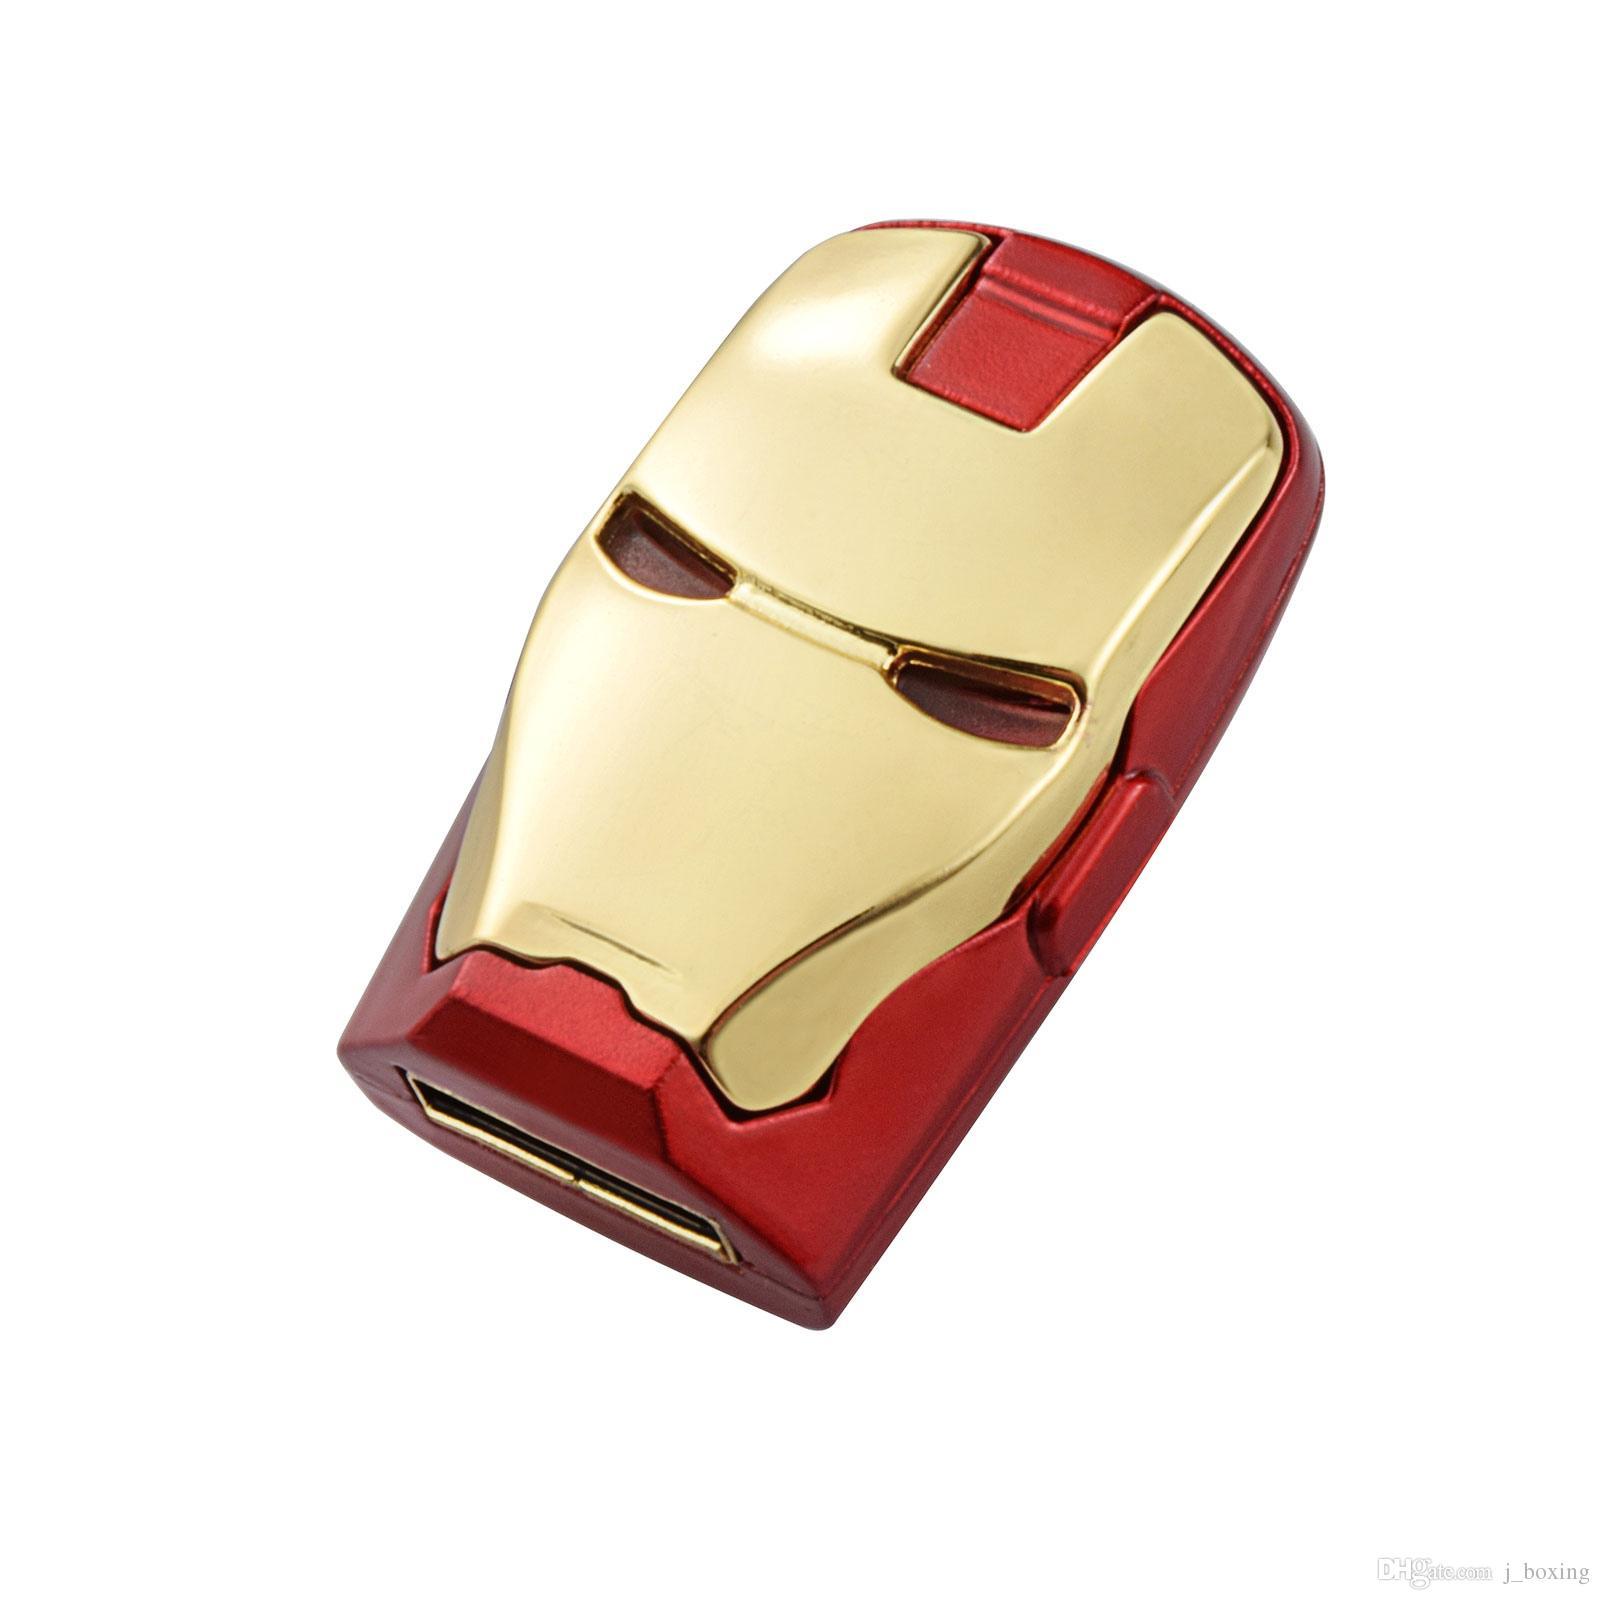 Livraison Gratuite 10 PCS / LOT 256MB LED Iron Man Clés USB Thumb Pen Drives Stockage pour PC Ordinateur Portable Tablet 256 Mo USB 2.0 Memory Stick Or